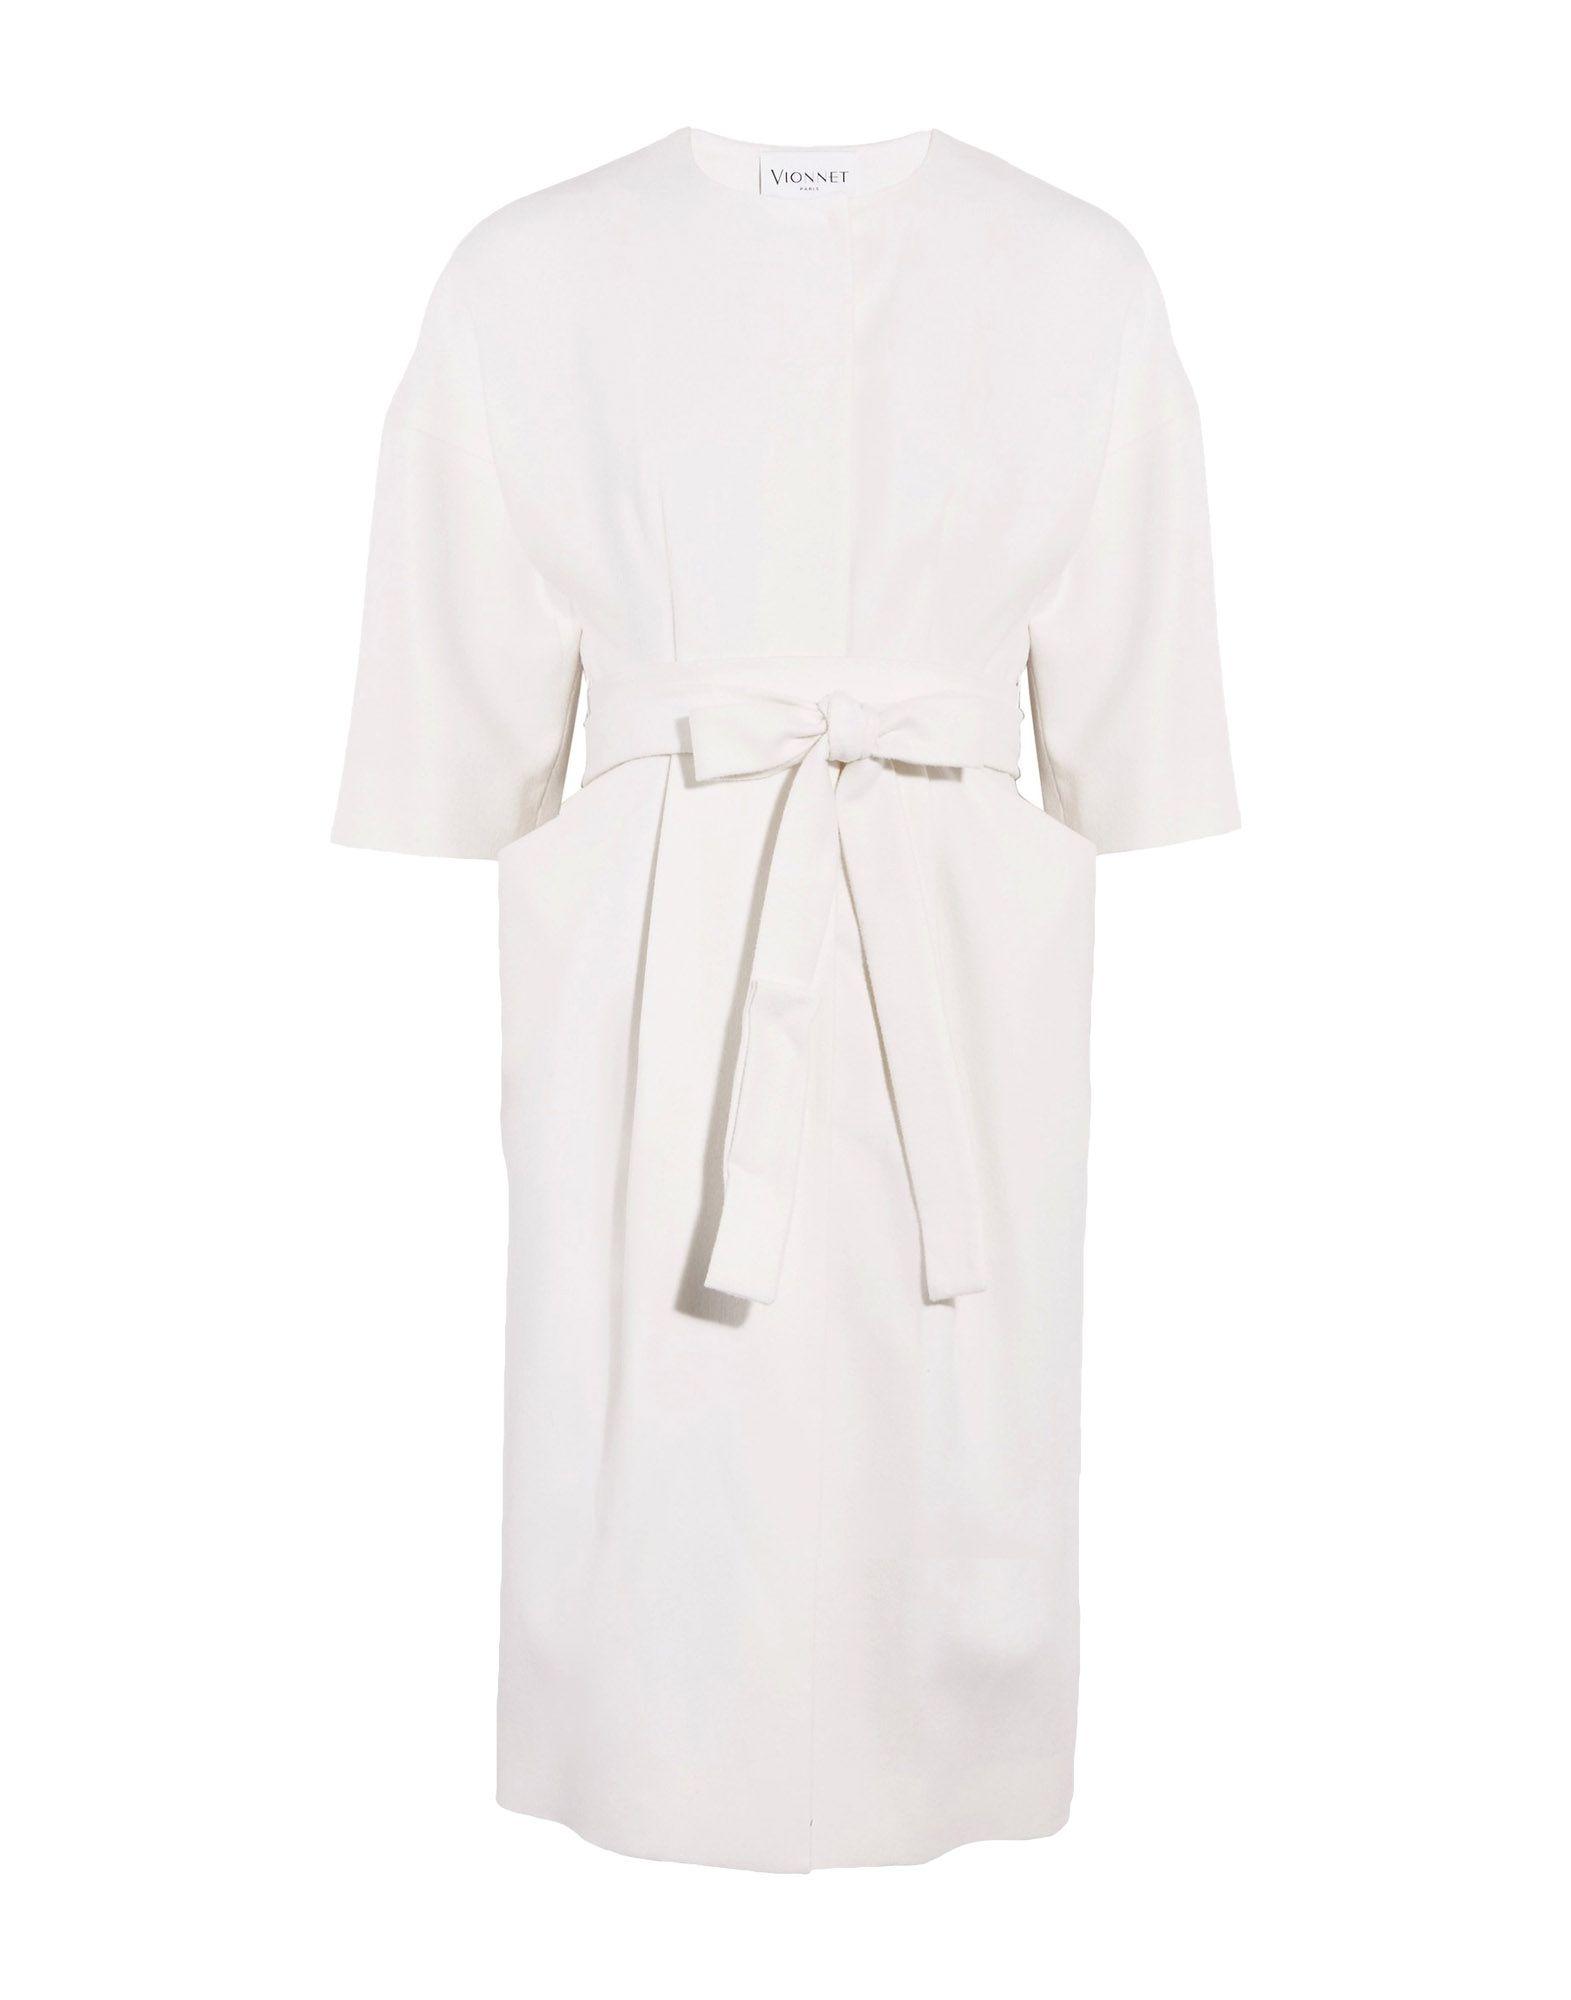 VIONNET Full-Length Jacket in Ivory